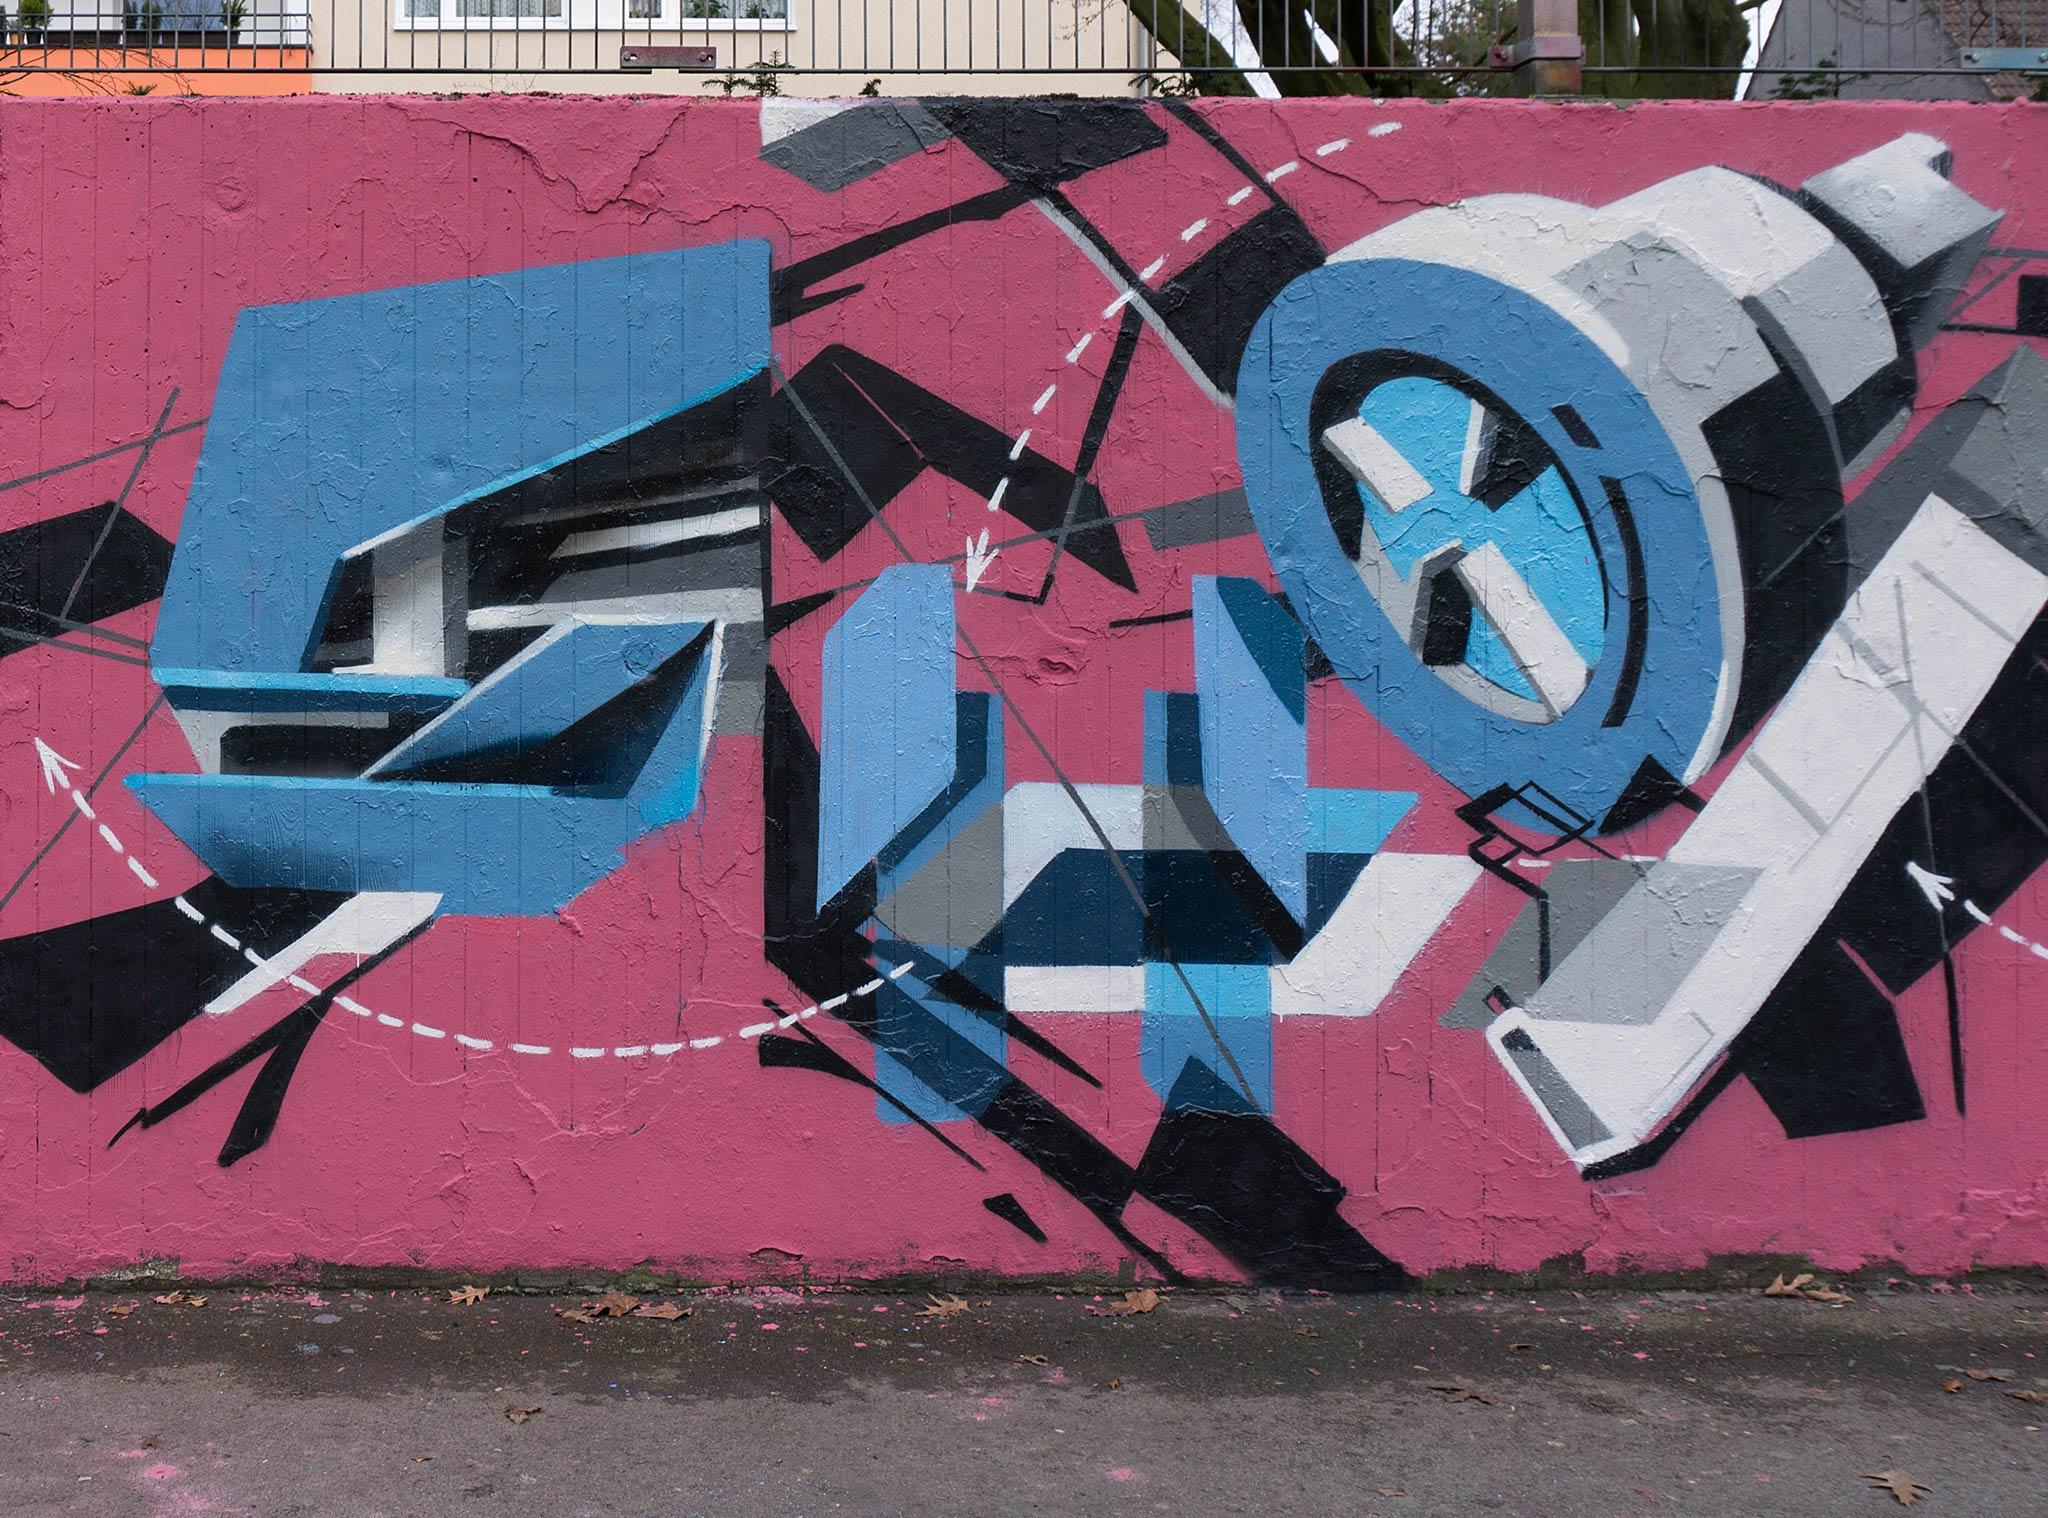 shogun_graffiti_monheim_ljda_2016_4